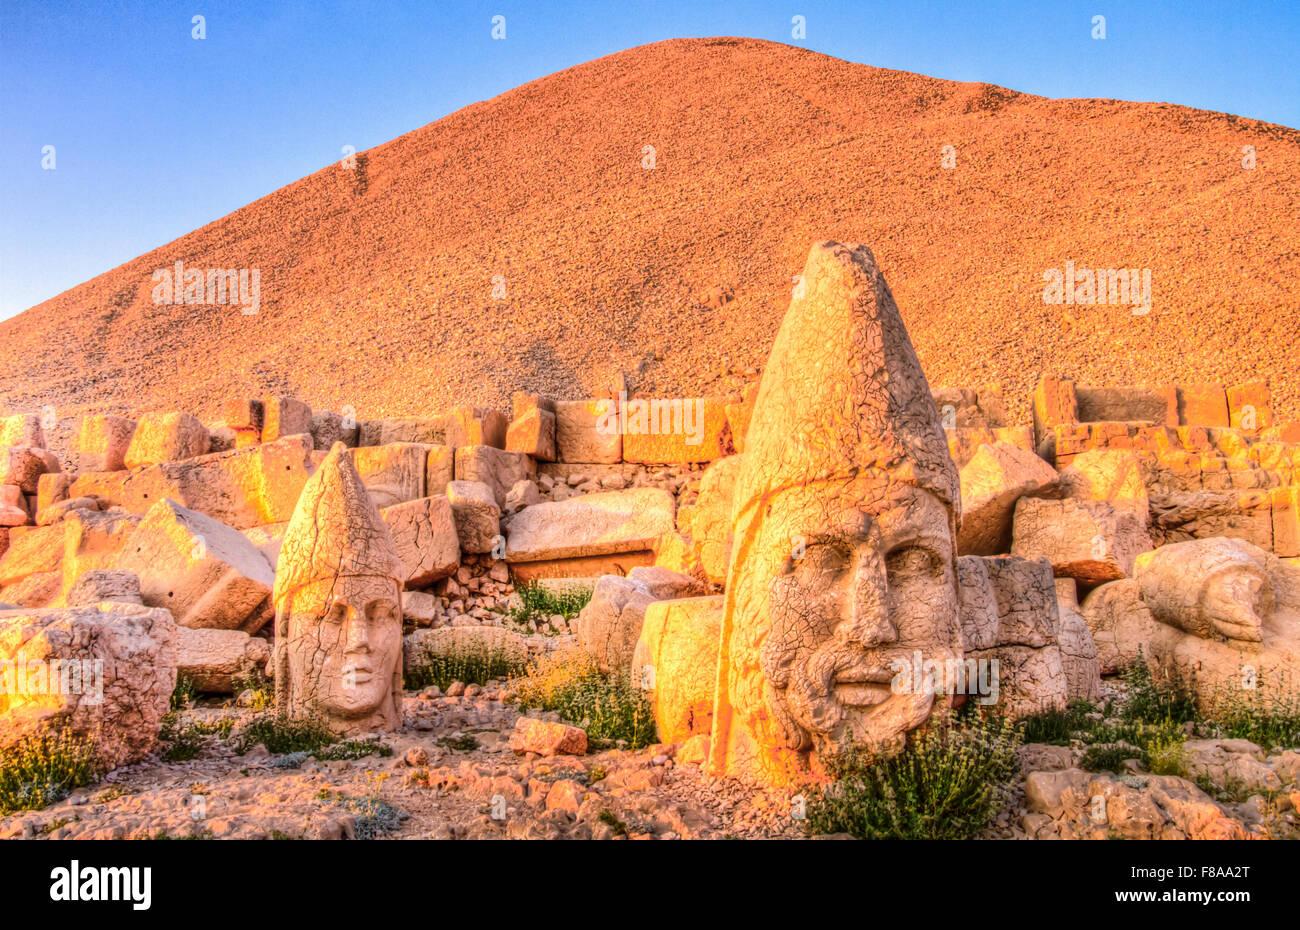 Gran Zeus y Alexander el Gran escultura, Mt. Nemrut National Park, Turquía, antiguos restos de 2000 años de antigüedad Foto de stock